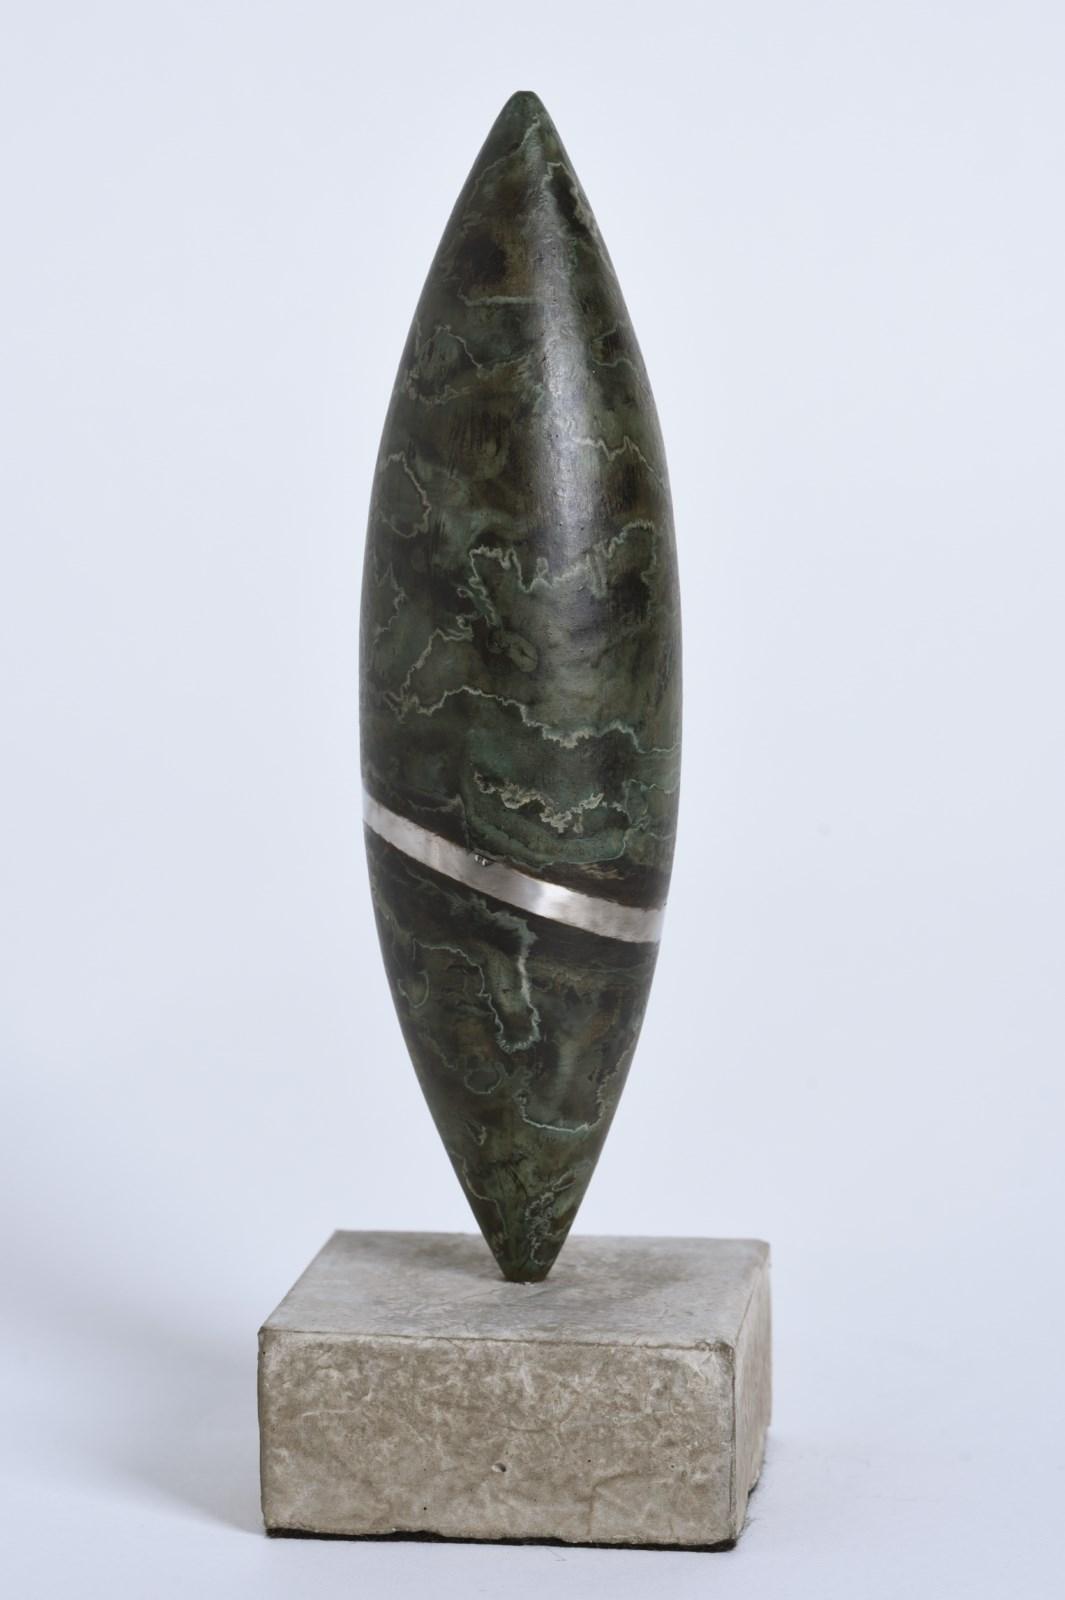 Sculpture-fer-patine-verni-veine-inox-poli-socle-beton-hauteur:21cm-artiste-sculpteur-contemporain-Felix-Valdelievre-2016